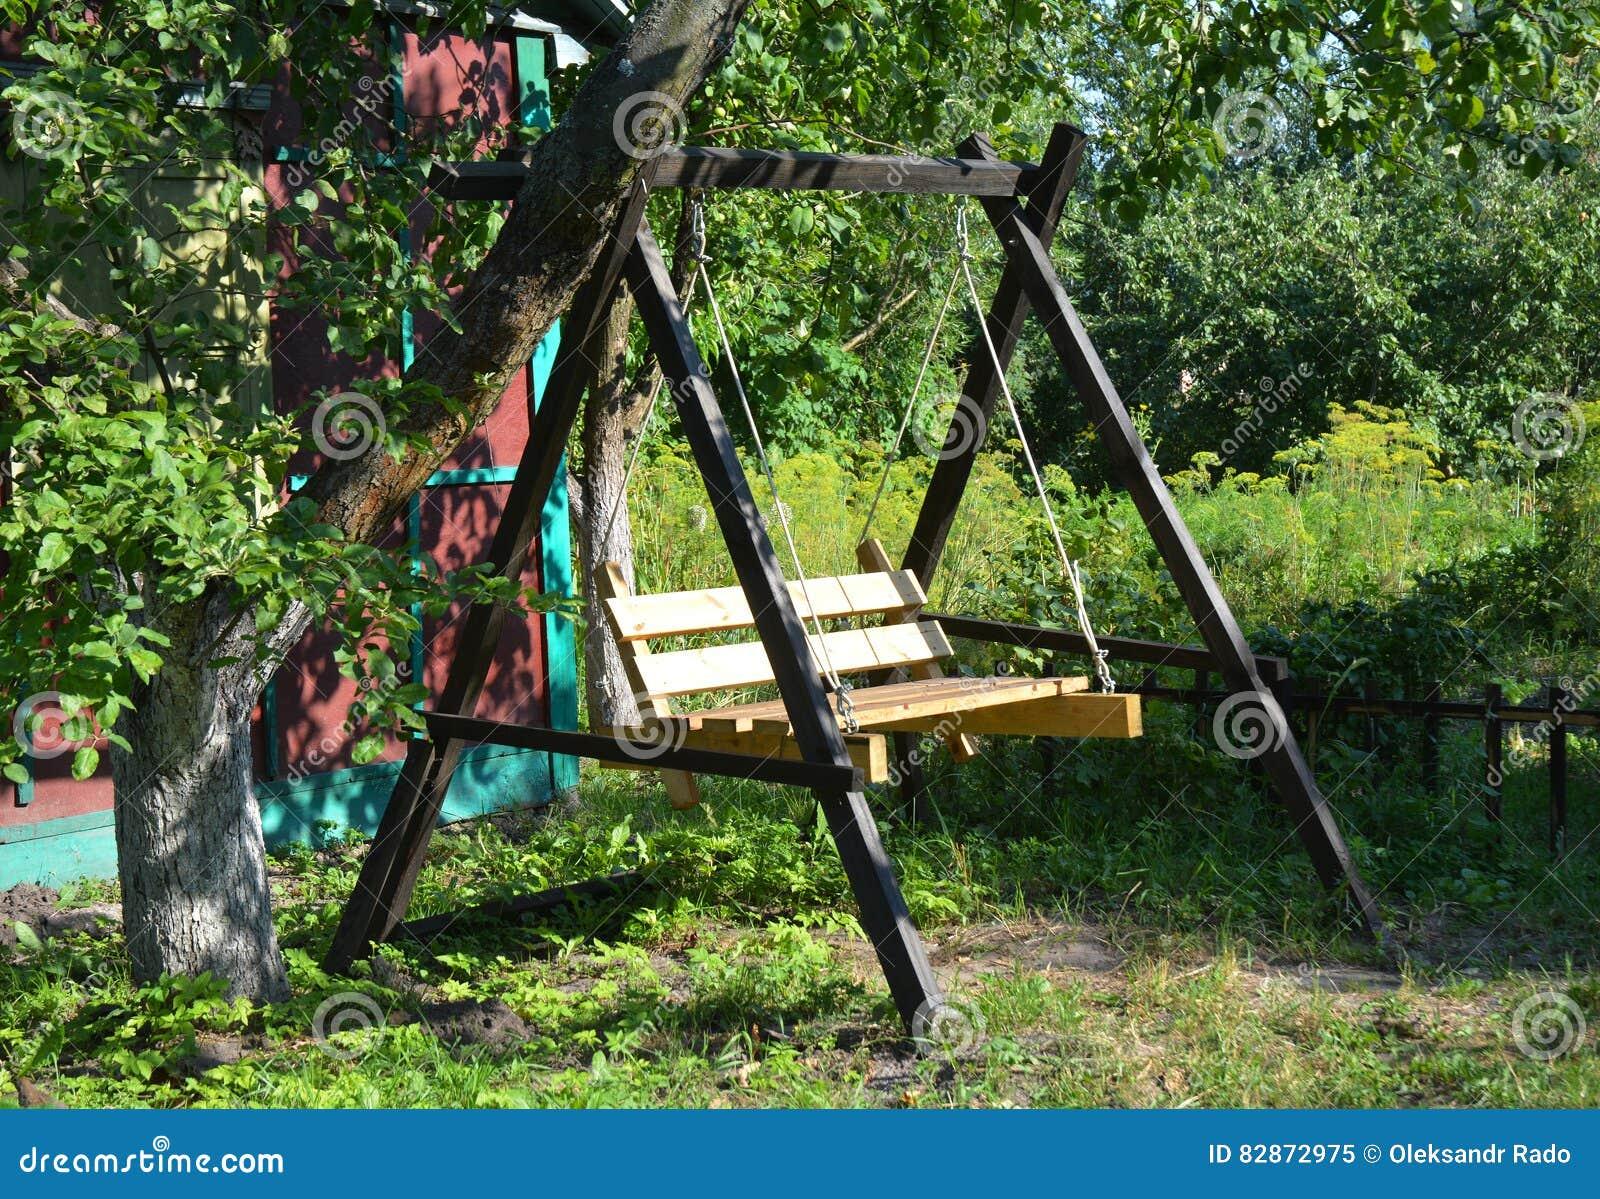 Wooden Garden Swing Garden Swing Seat In Tree Shadow Stock